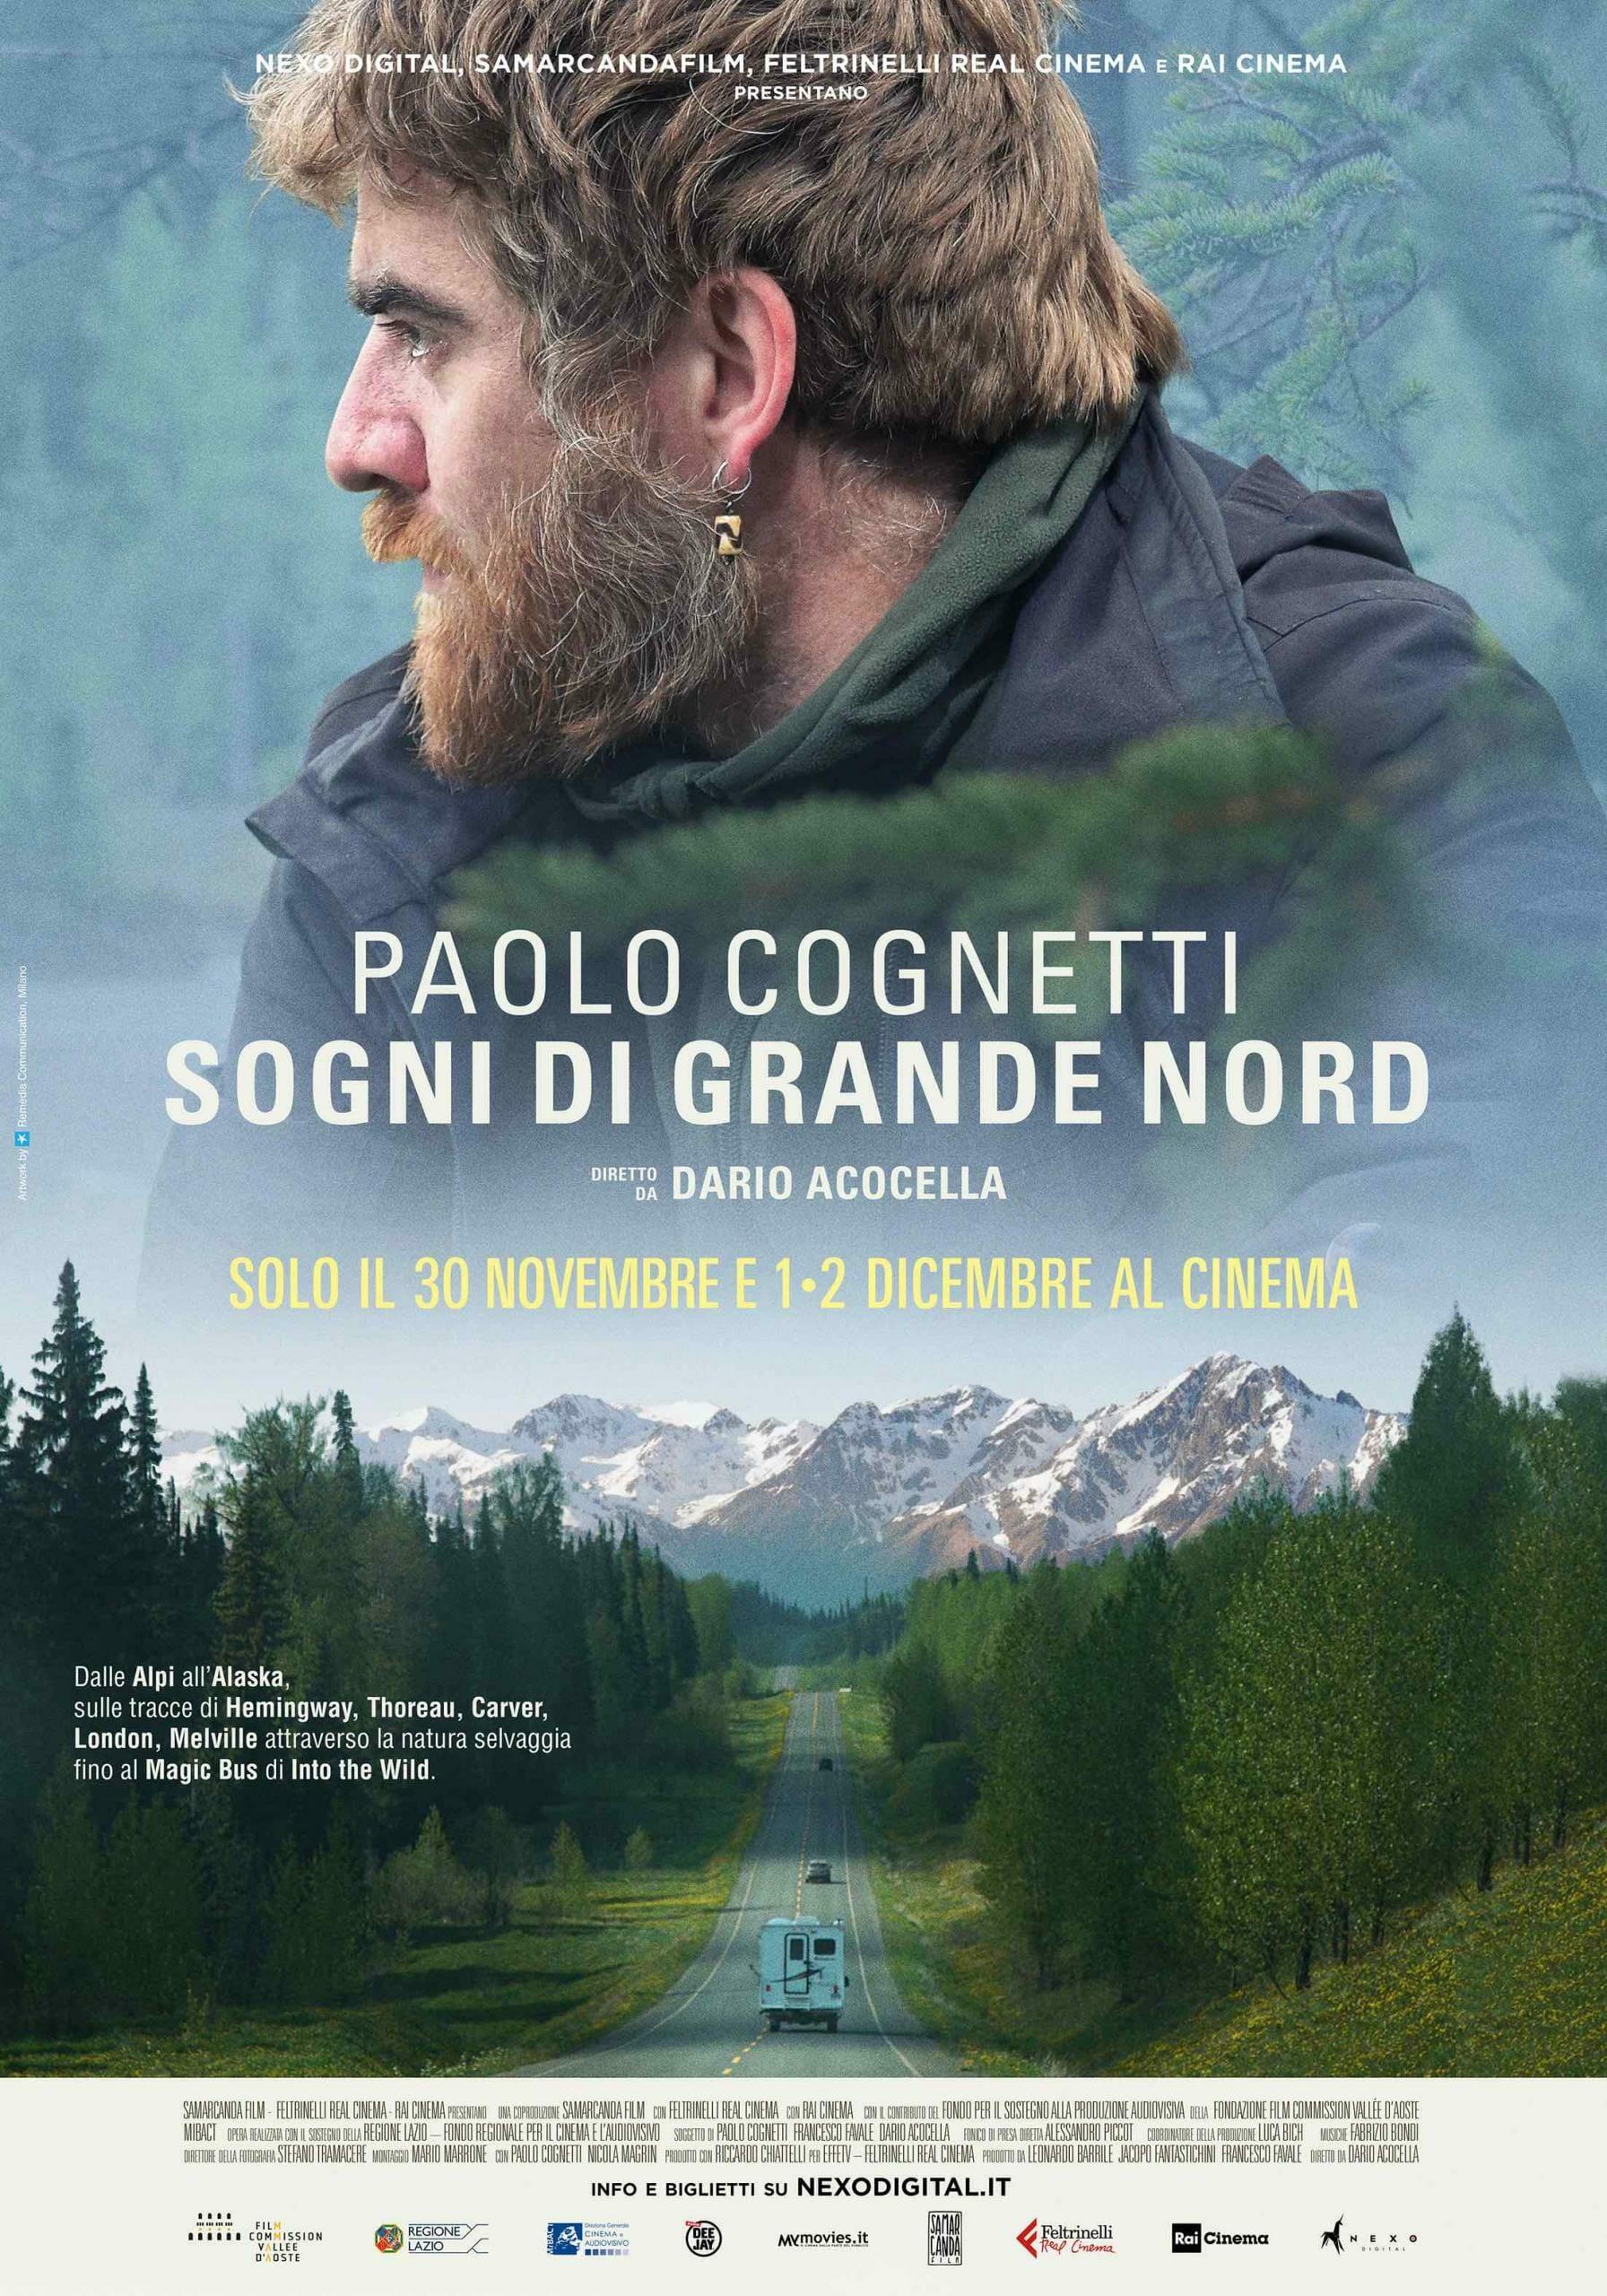 Paolo Cognetti Sogni di grande nord Poster 100x1401